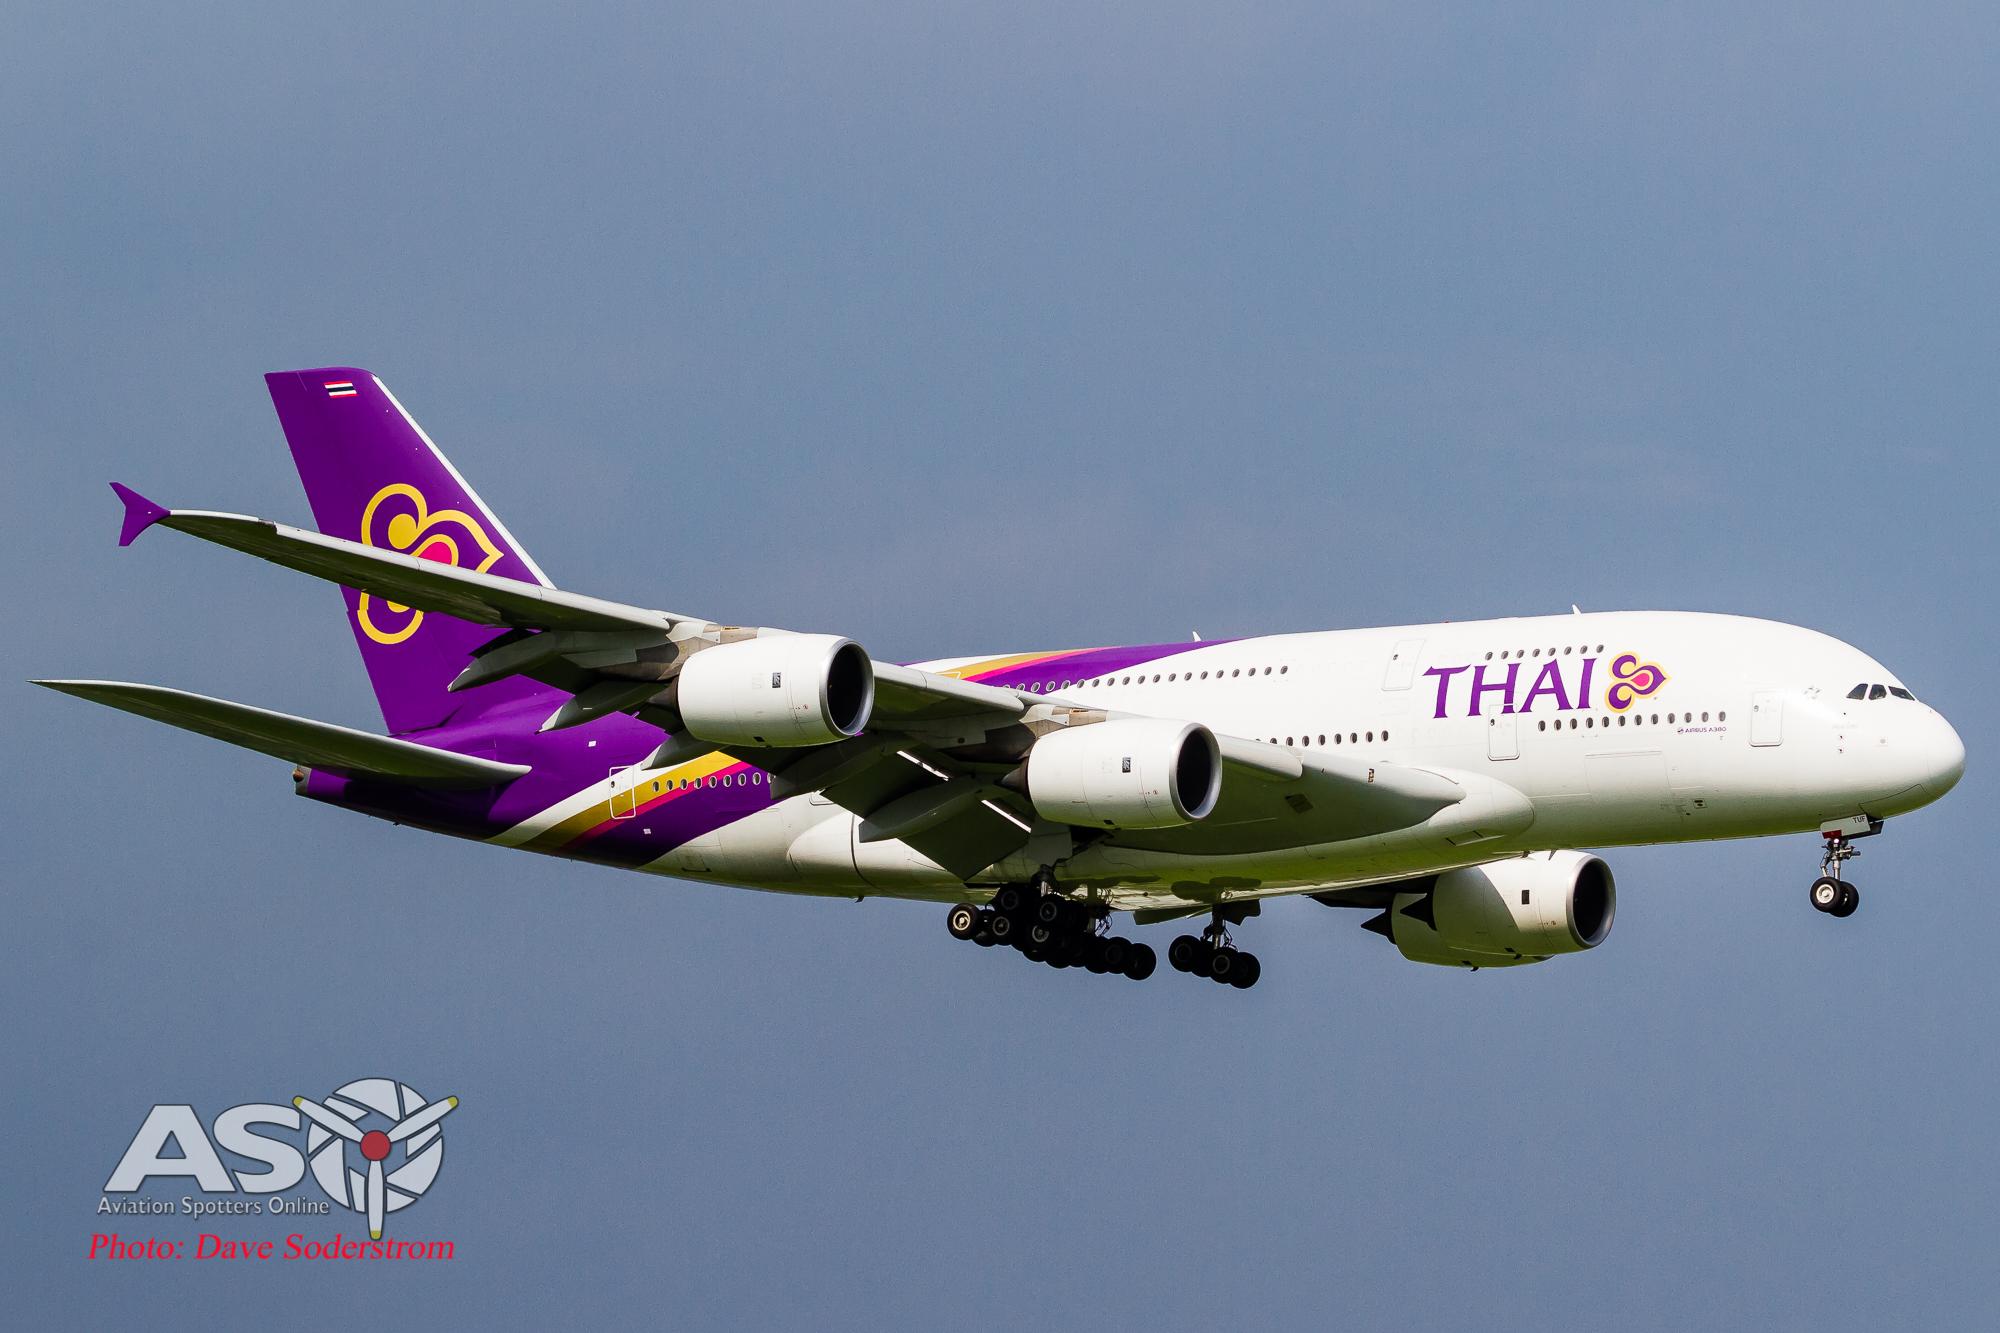 Spotting in Thailand, Part 1. Suvarnabhumi Airport